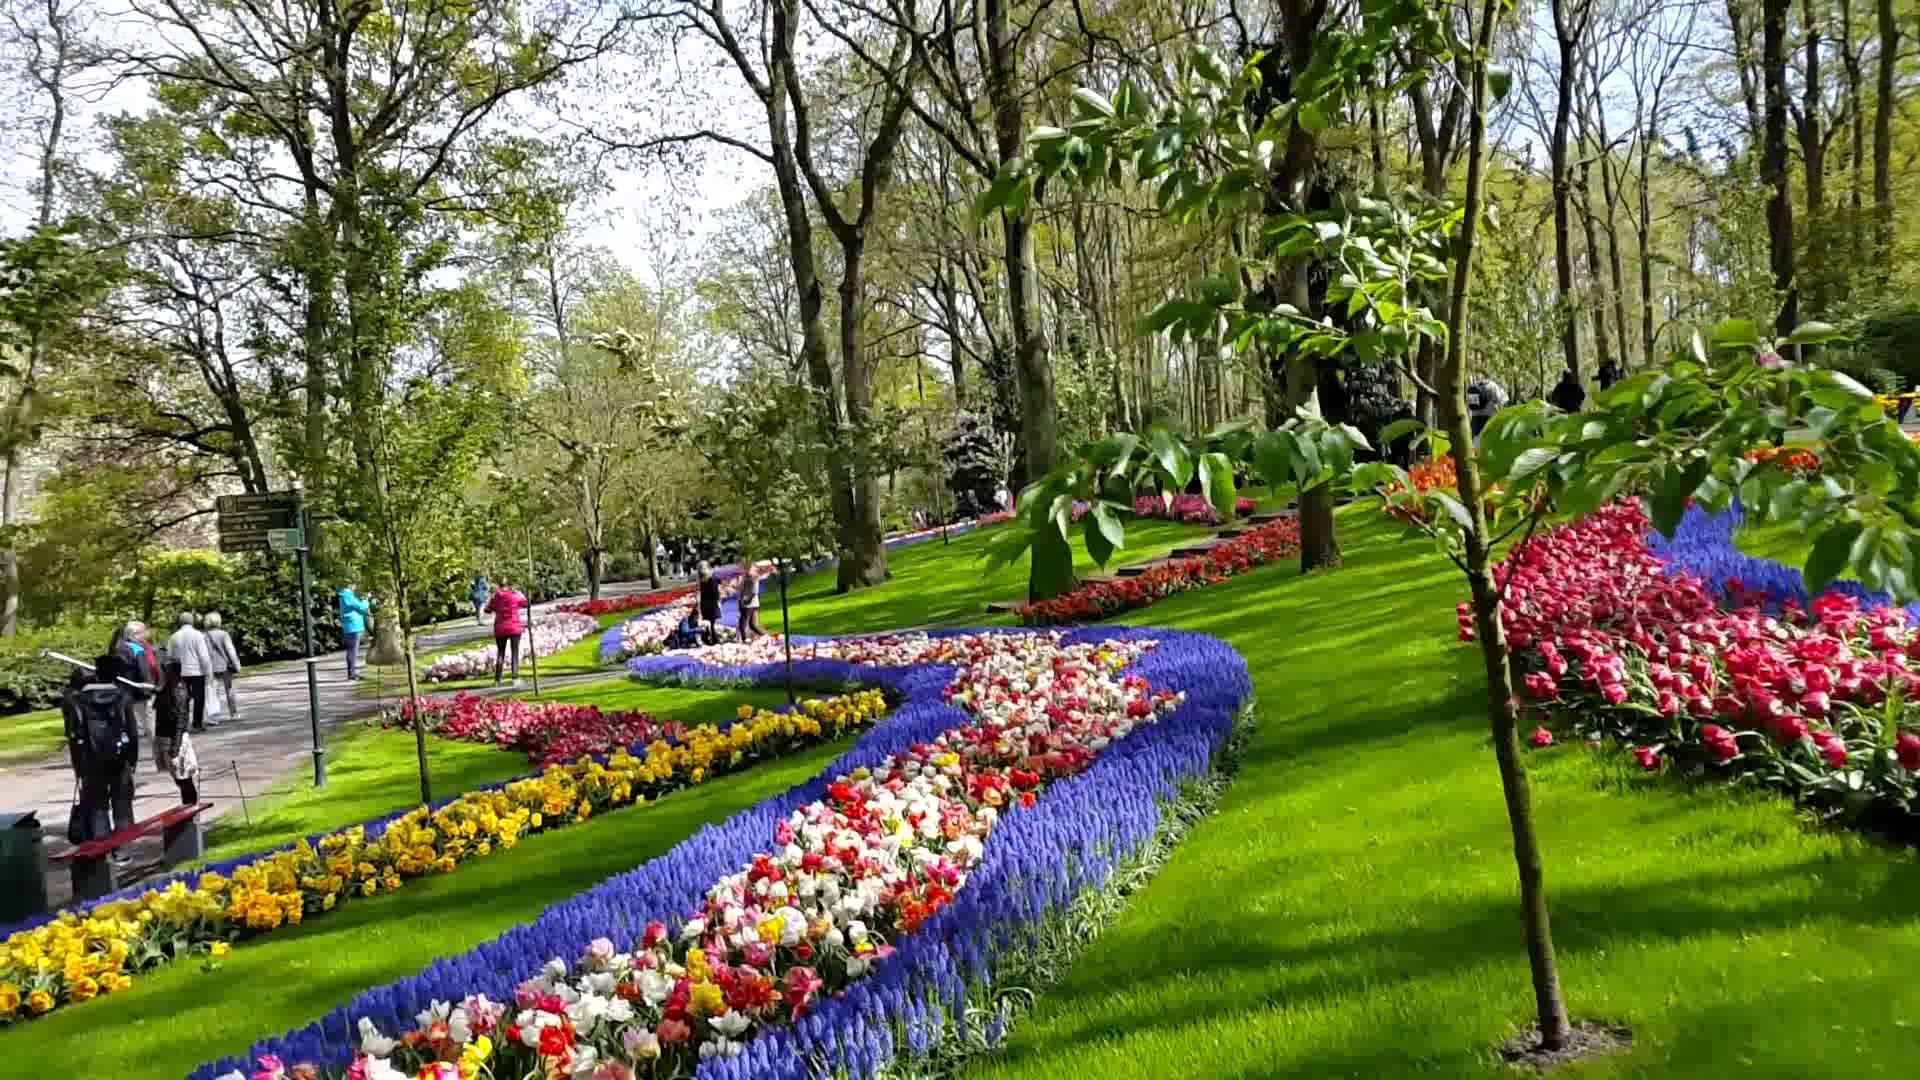 Imagenes De Jardines Con Flores: Imagenes De Los Jardines De Keukenhof